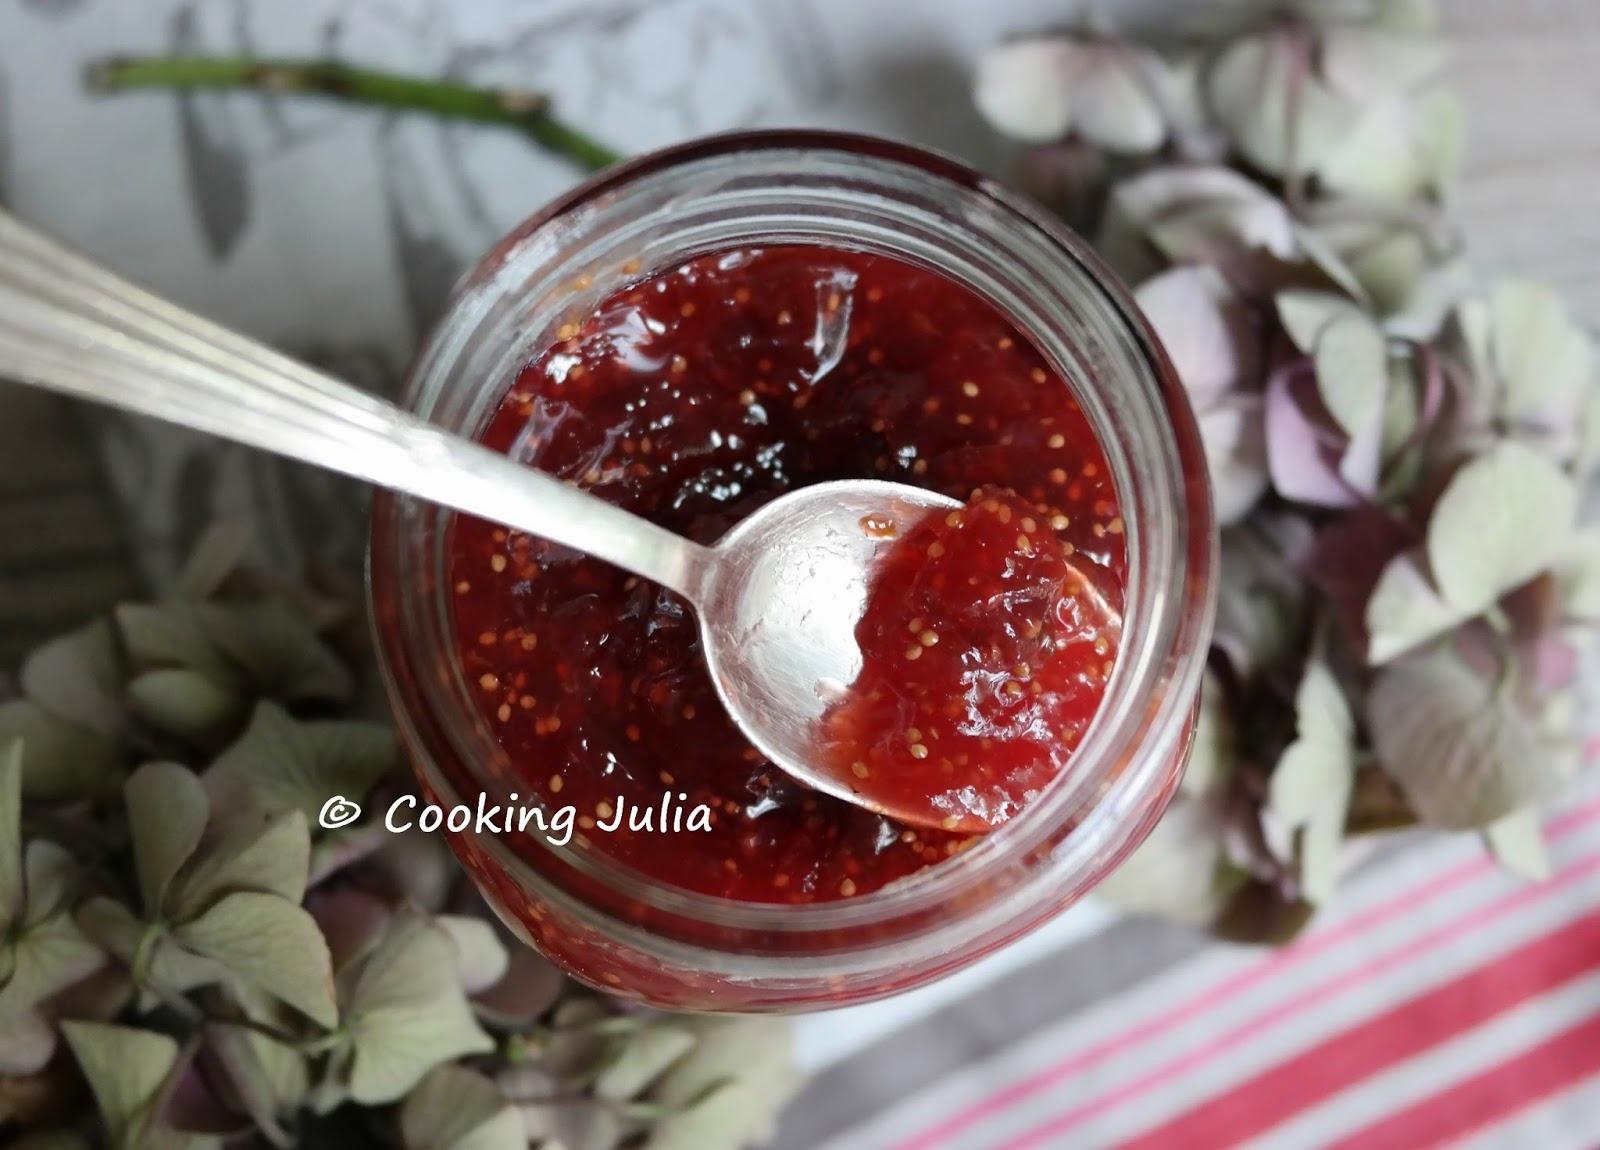 Cooking Julia Confiture Allegee De Figues Violettes